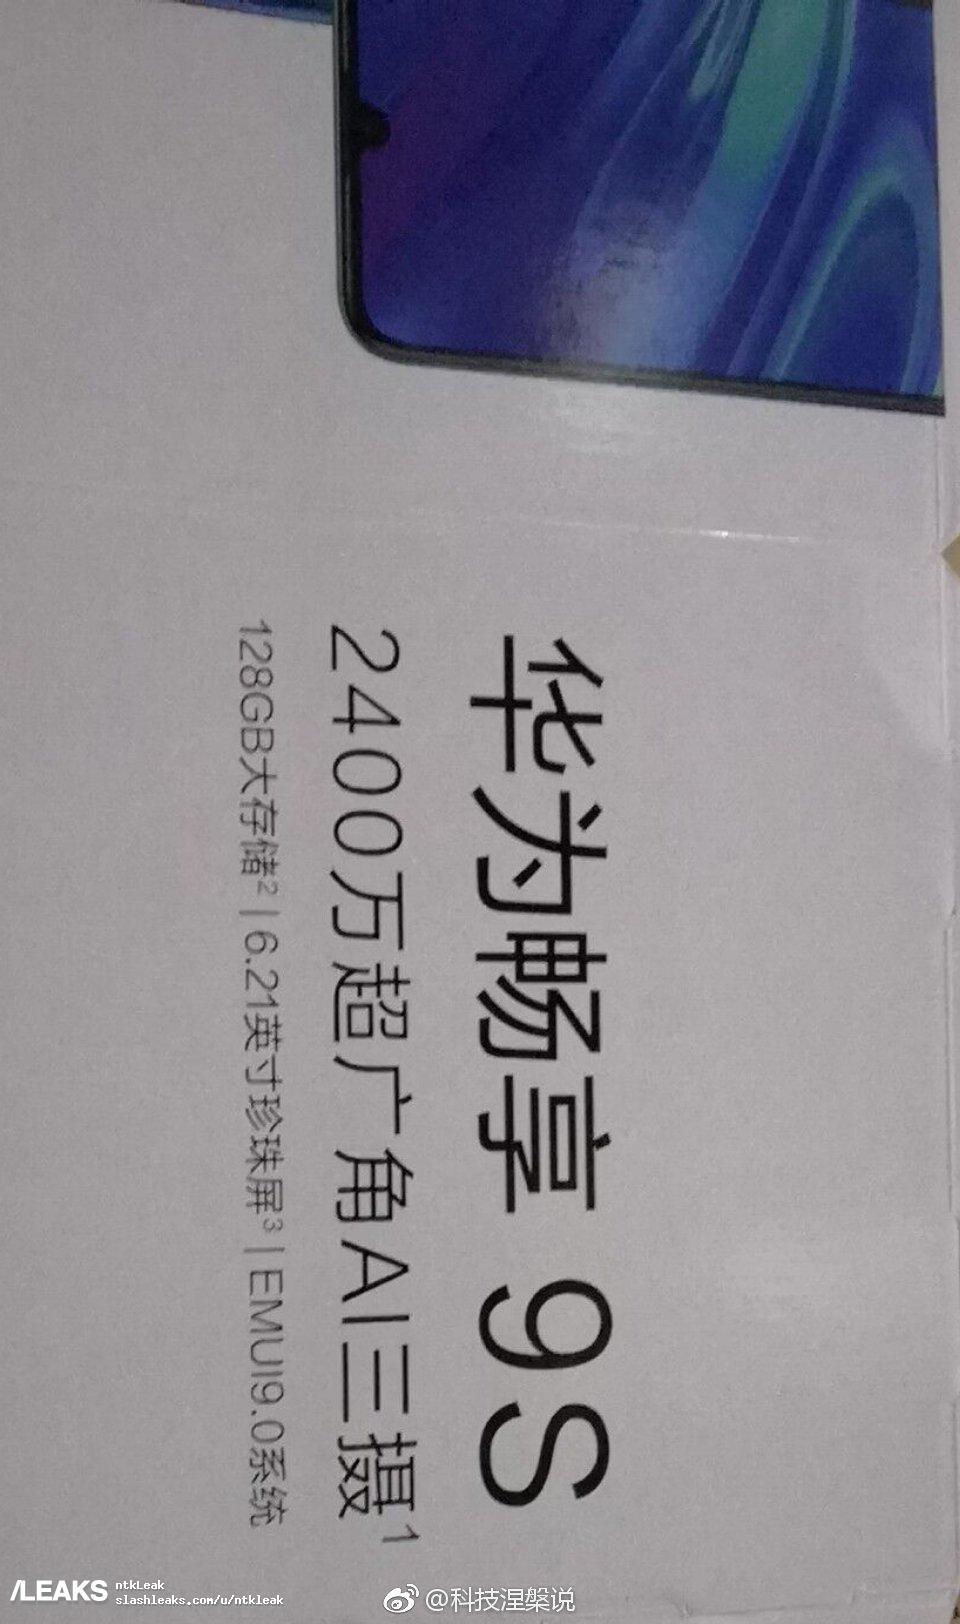 img Huawei Enjoy 9S poster leak